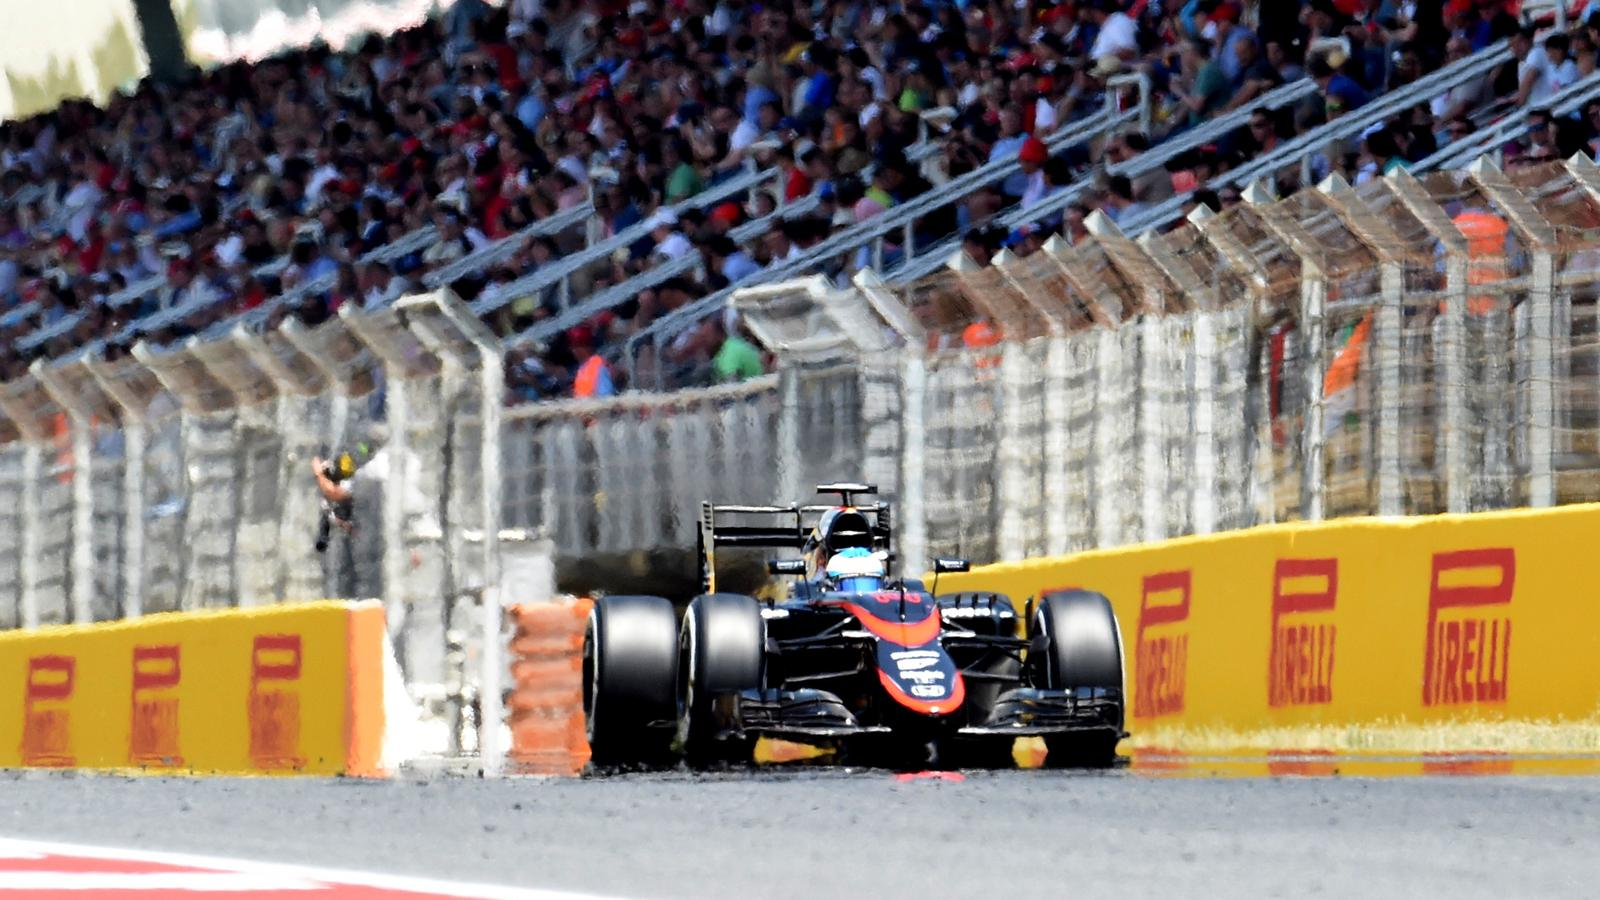 Spécial Sebastian Vettel (Formule un) - Page 18 1499183-31980812-1600-900